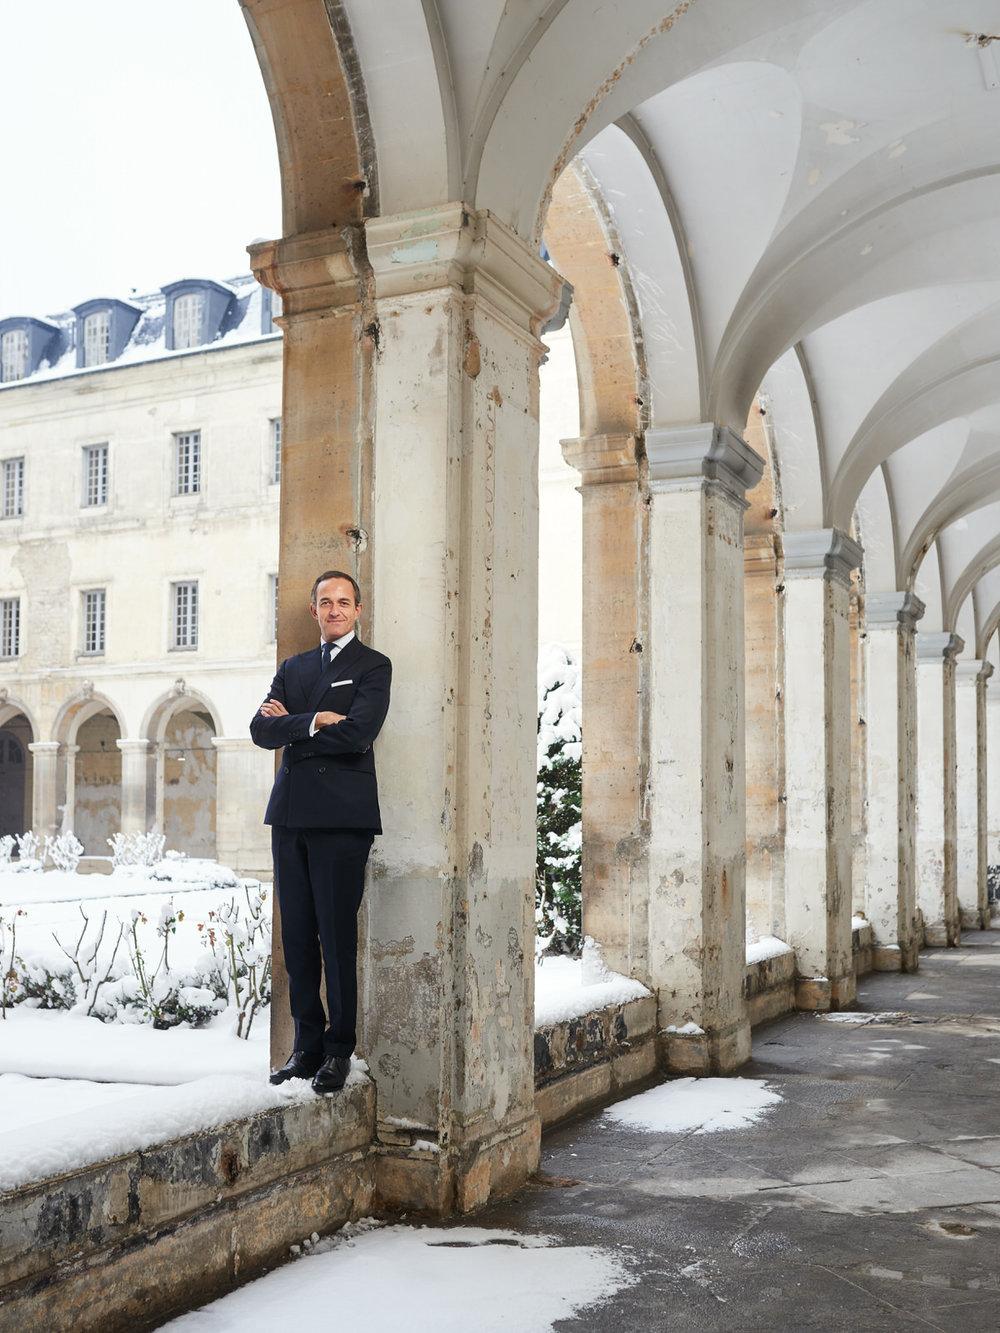 Hasard heureux de la météo, la séance photo de Frédéric Mion à l'Artillerie, en février dernier,s'est faite sous un épais manteau neigeux… ( Photo : Manuel Braun)